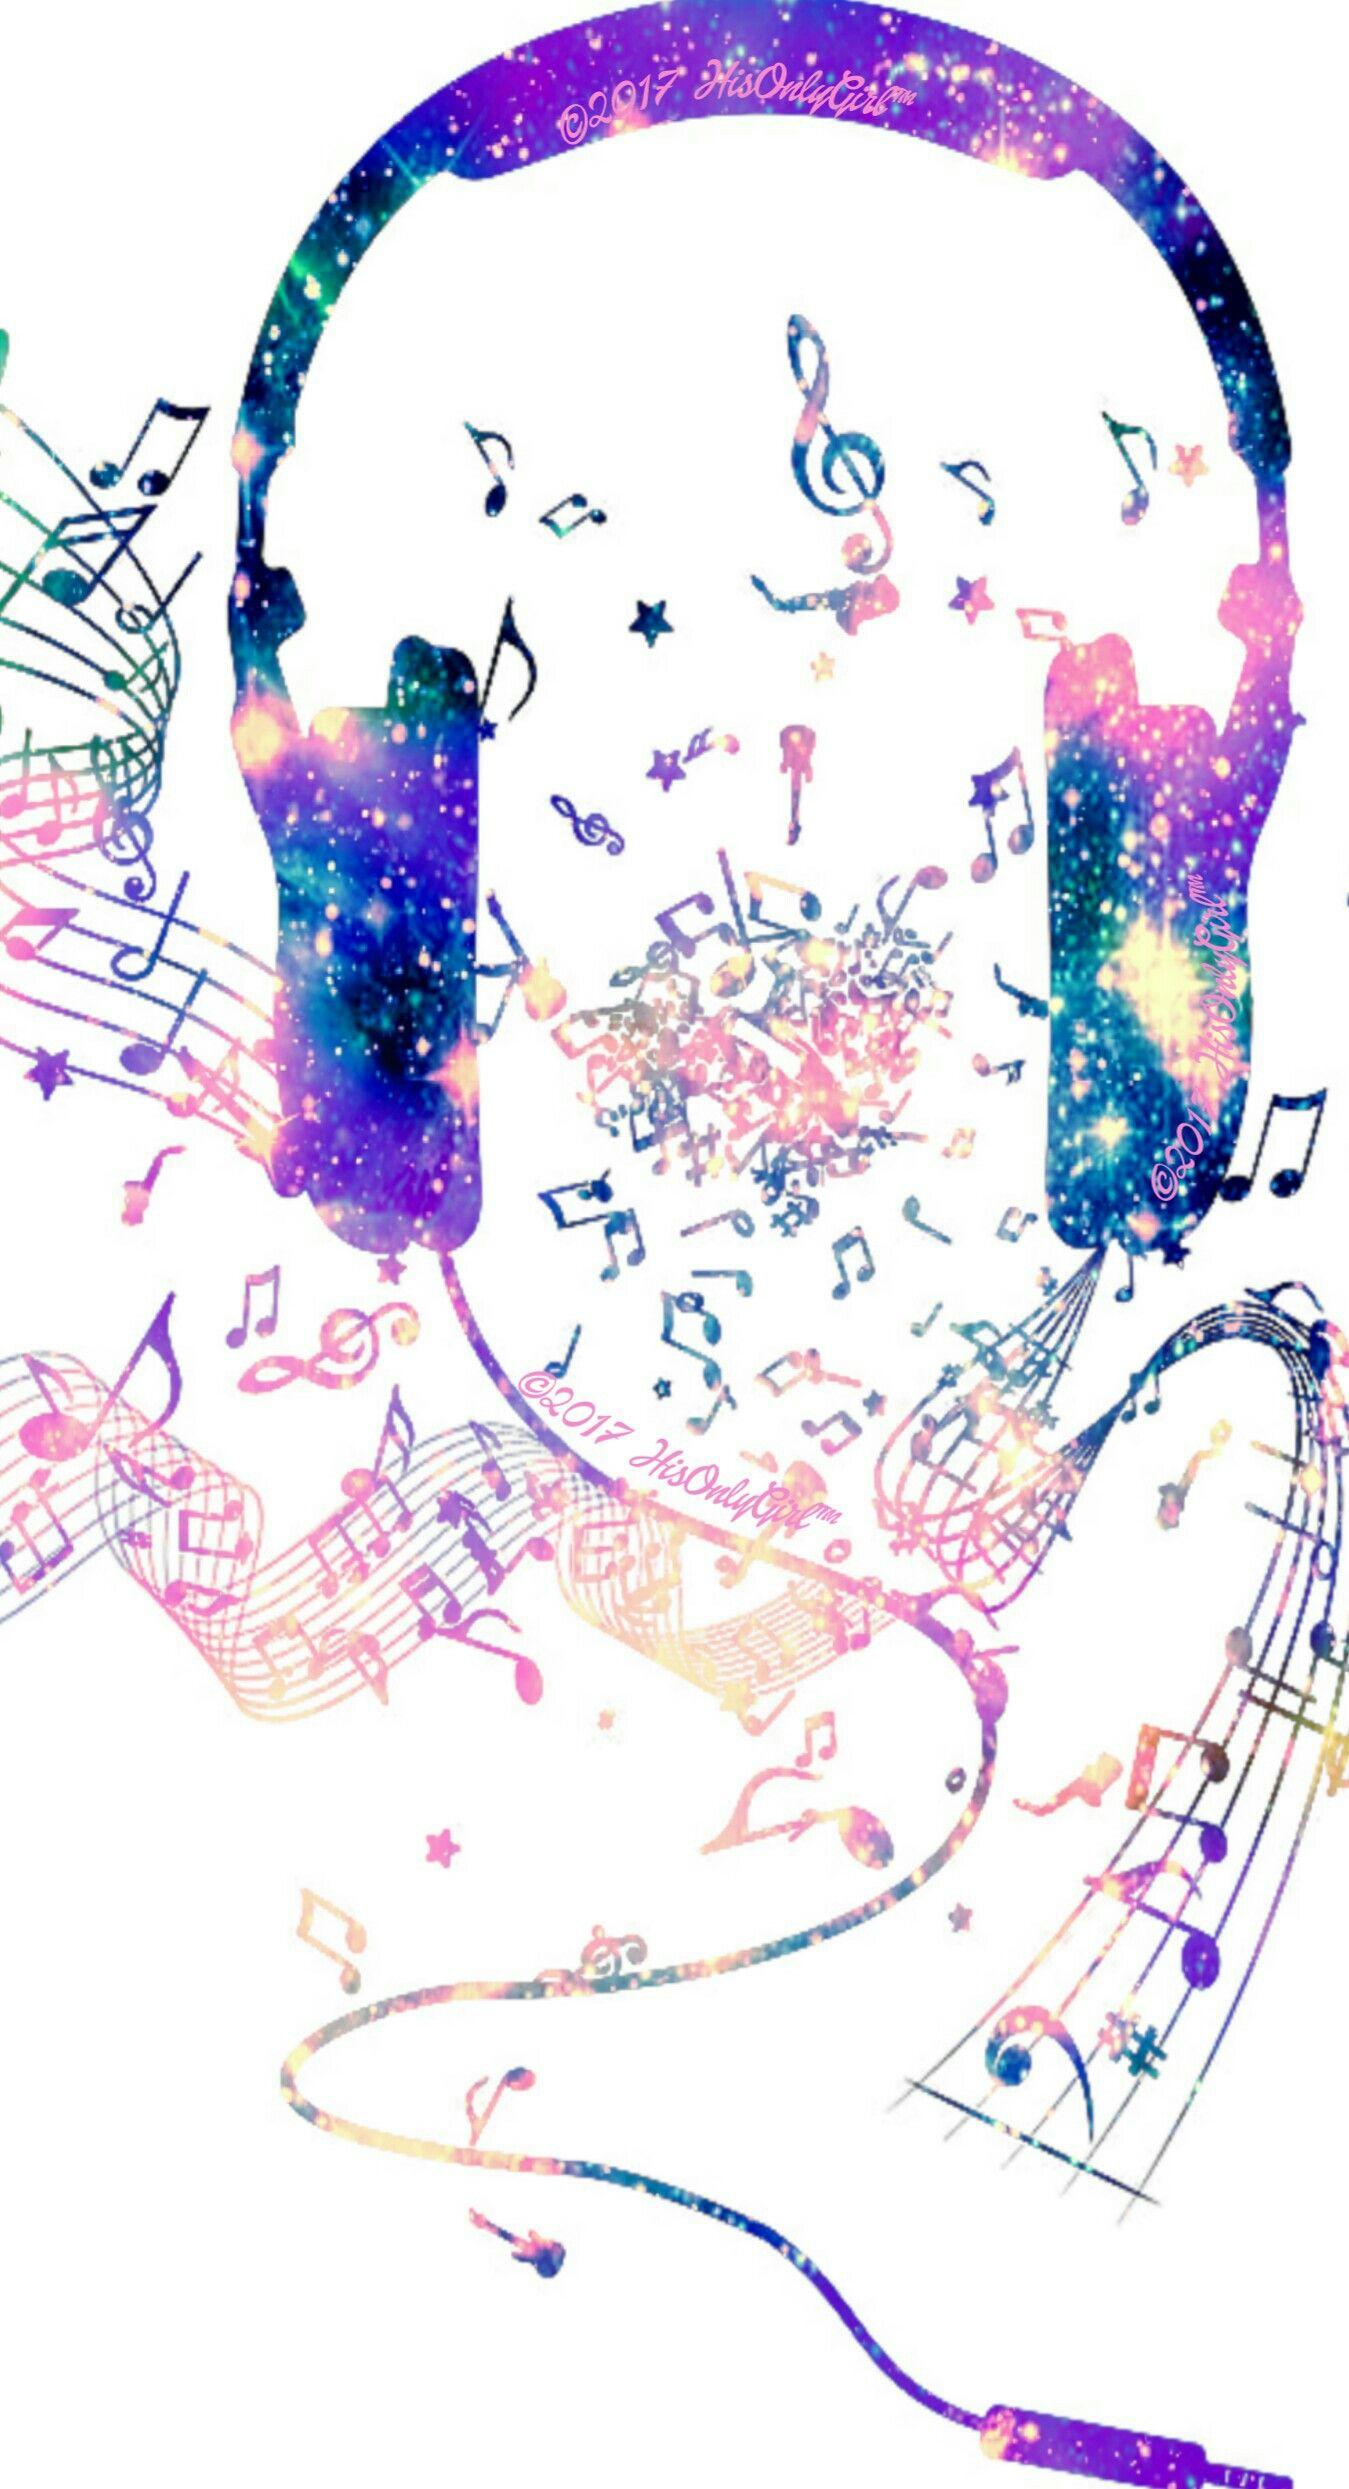 Simple Wallpaper Music Kawaii - 0efe8df63520c23d6b5252e98ab8621a  HD_583832.jpg